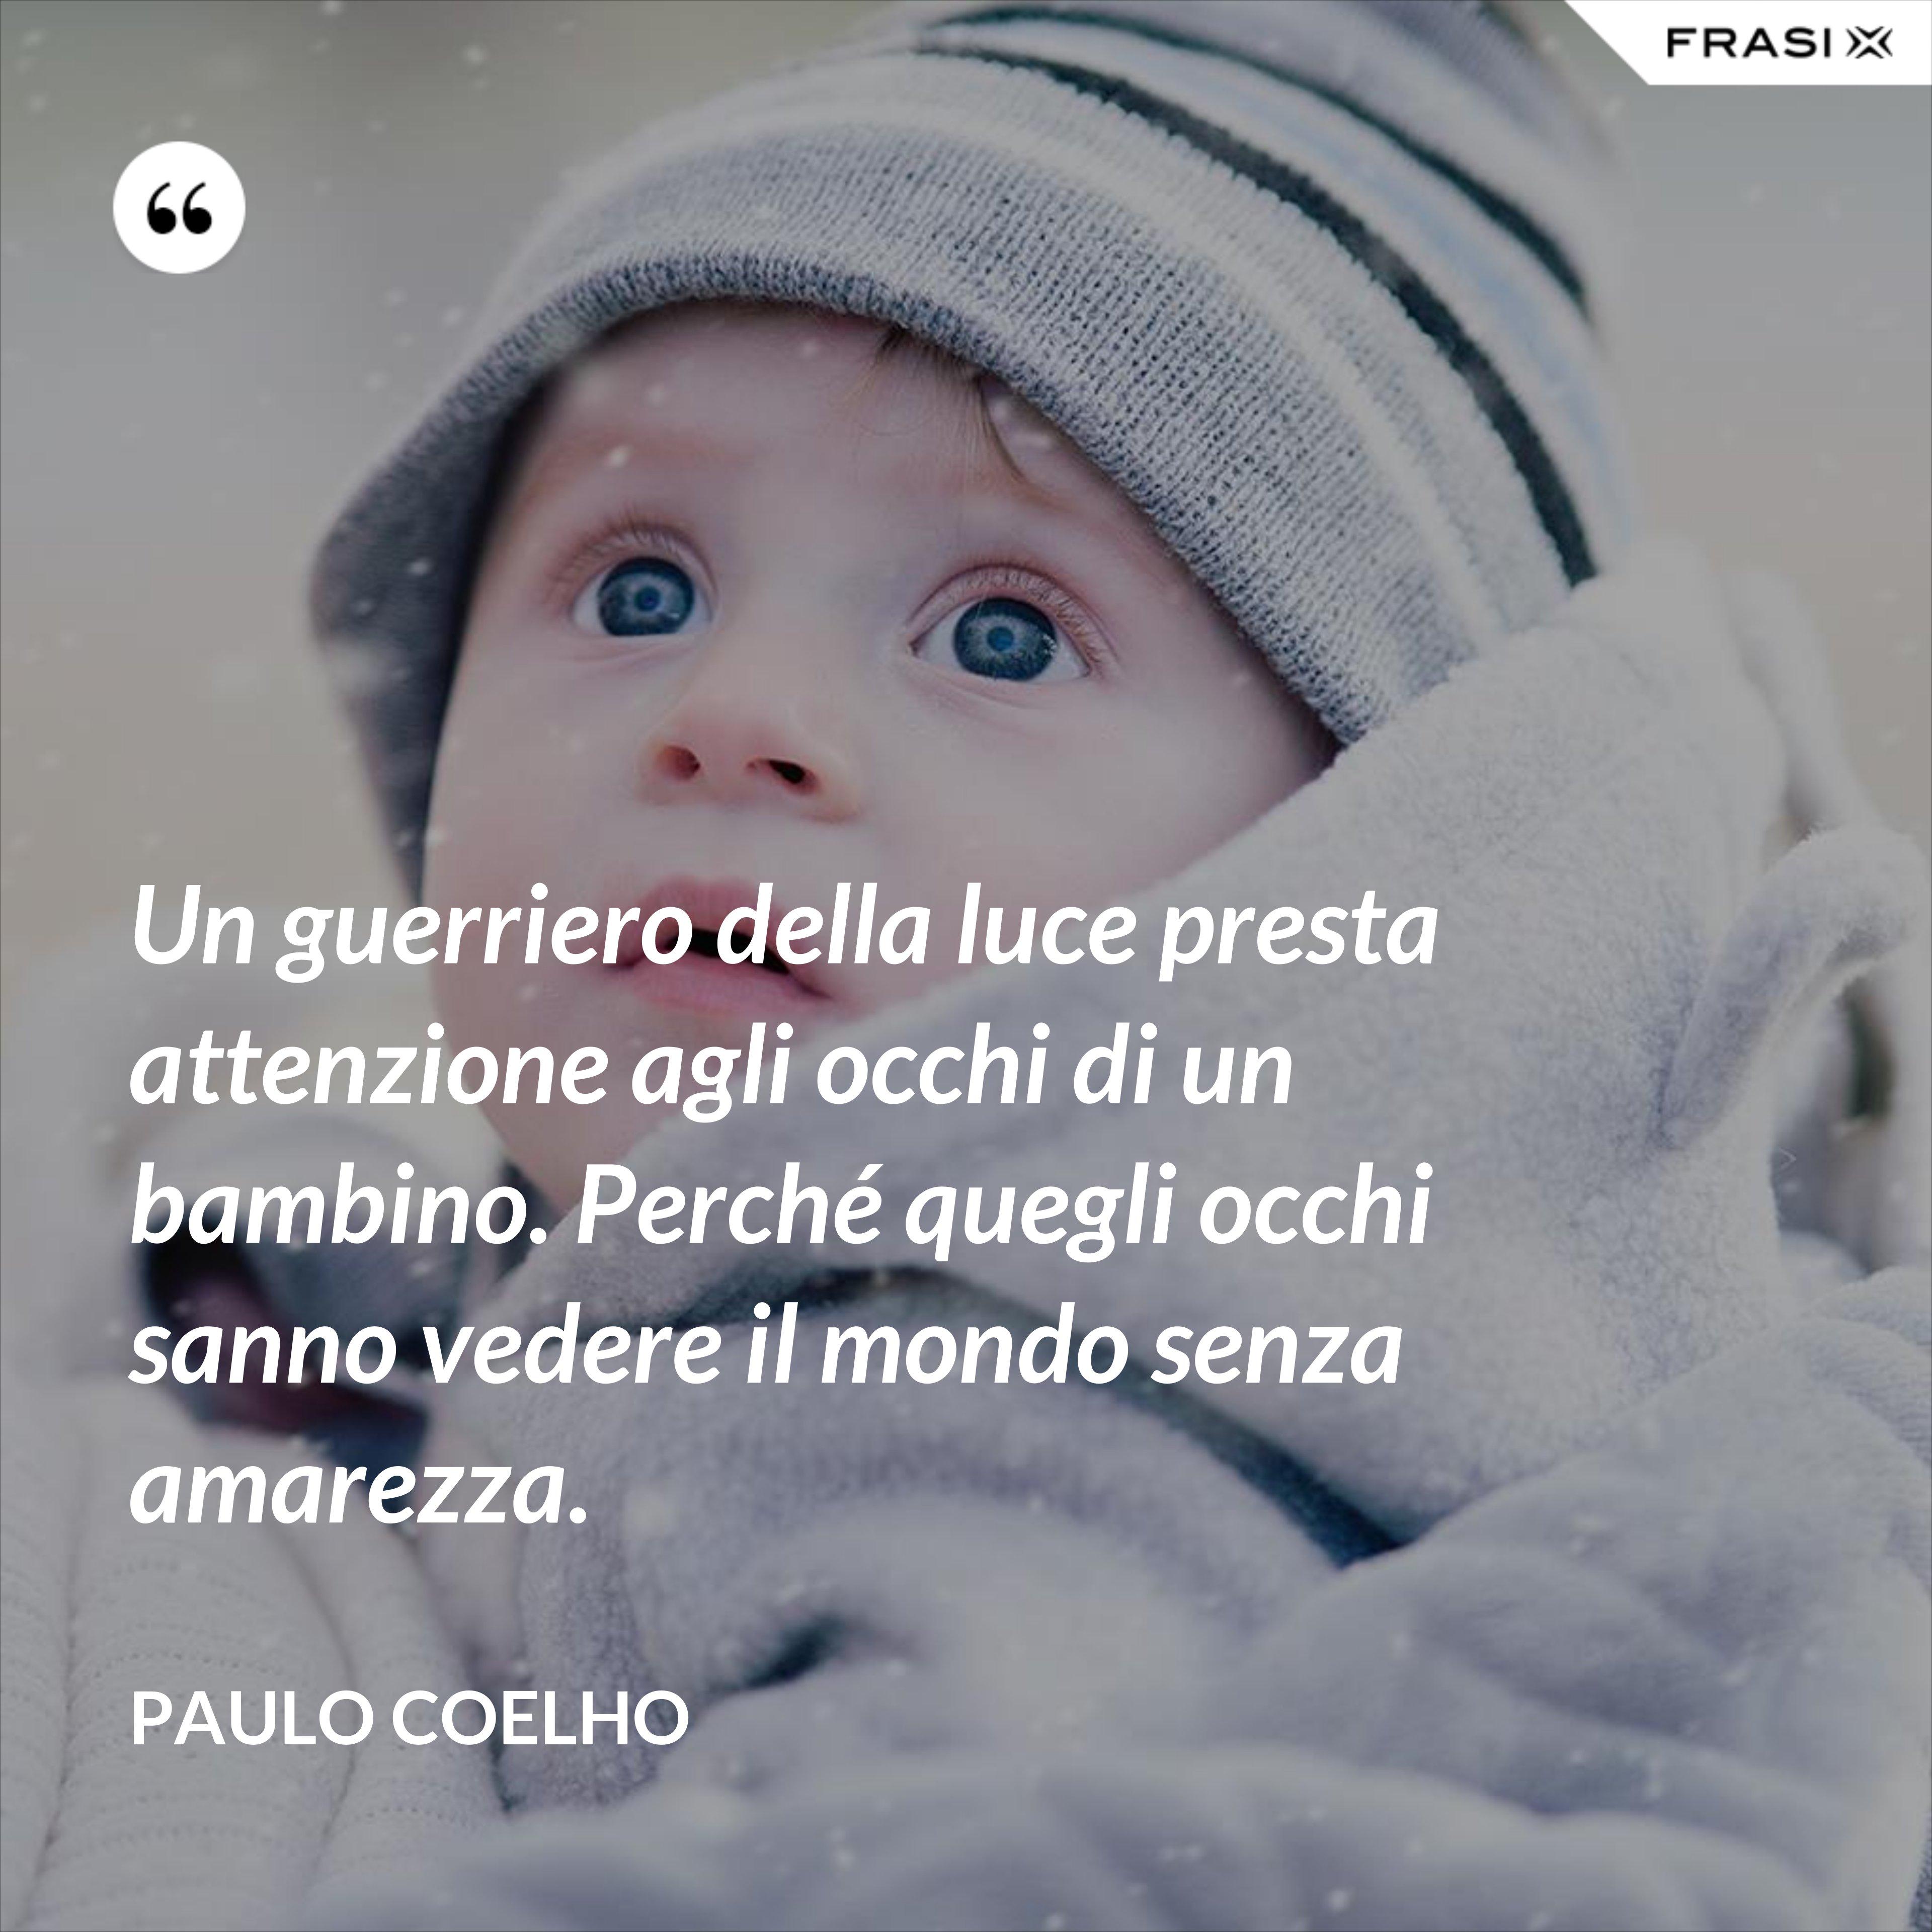 Un guerriero della luce presta attenzione agli occhi di un bambino. Perché quegli occhi sanno vedere il mondo senza amarezza. - Paulo Coelho